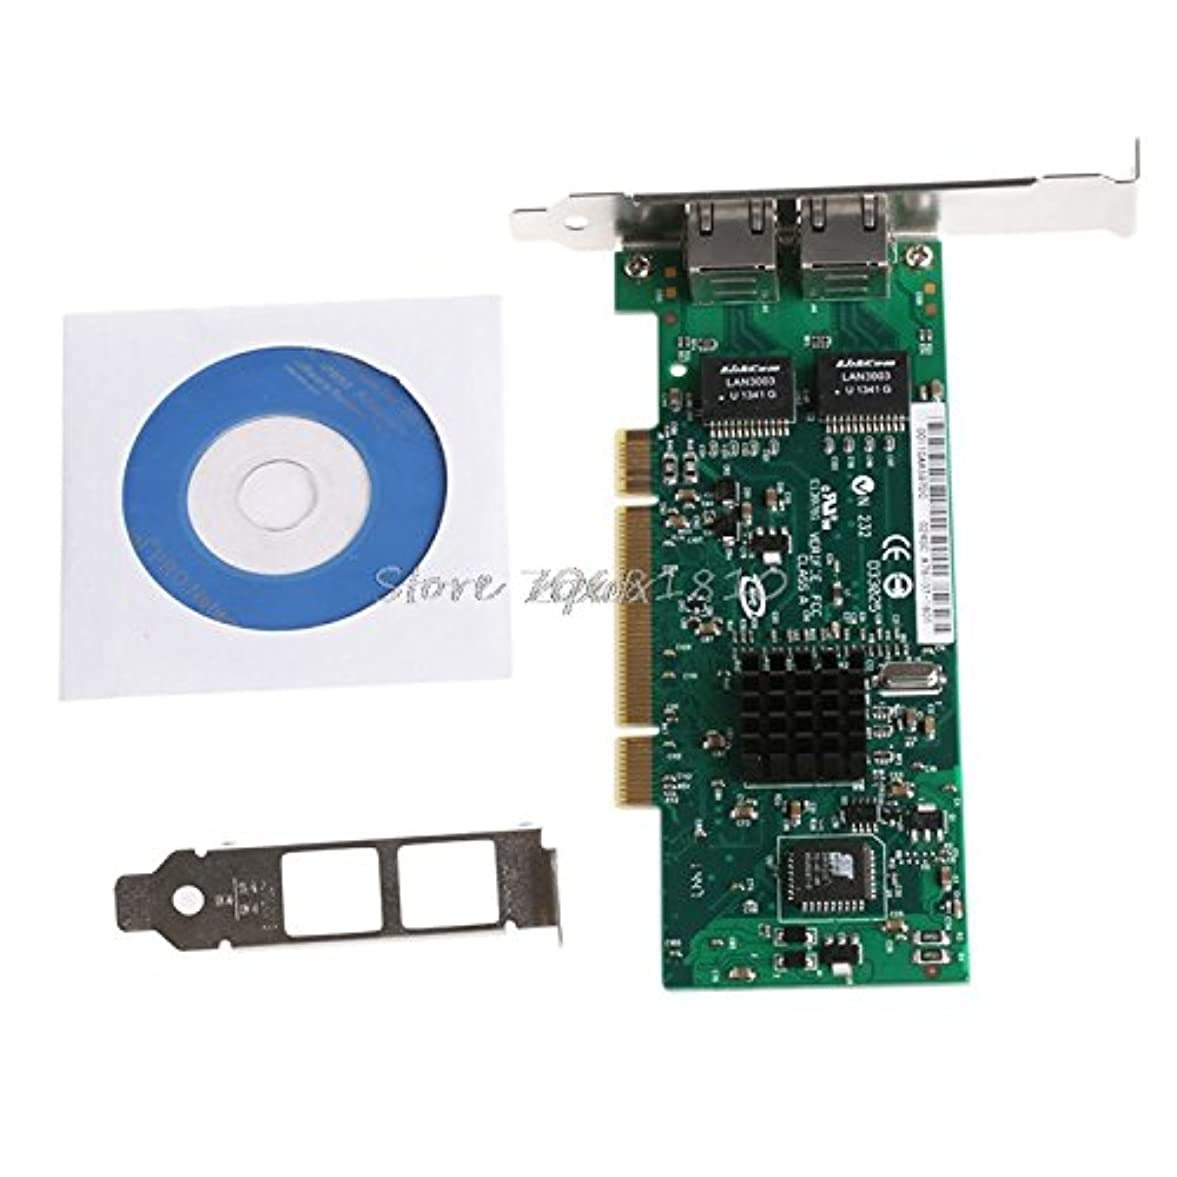 注入する容赦ない曲がったhariier PCIデュアルrj45ポートギガビットイーサネットLANネットワークカード10?/ 100?/ 1000mbps forインテル82546?z09ドロップ出荷